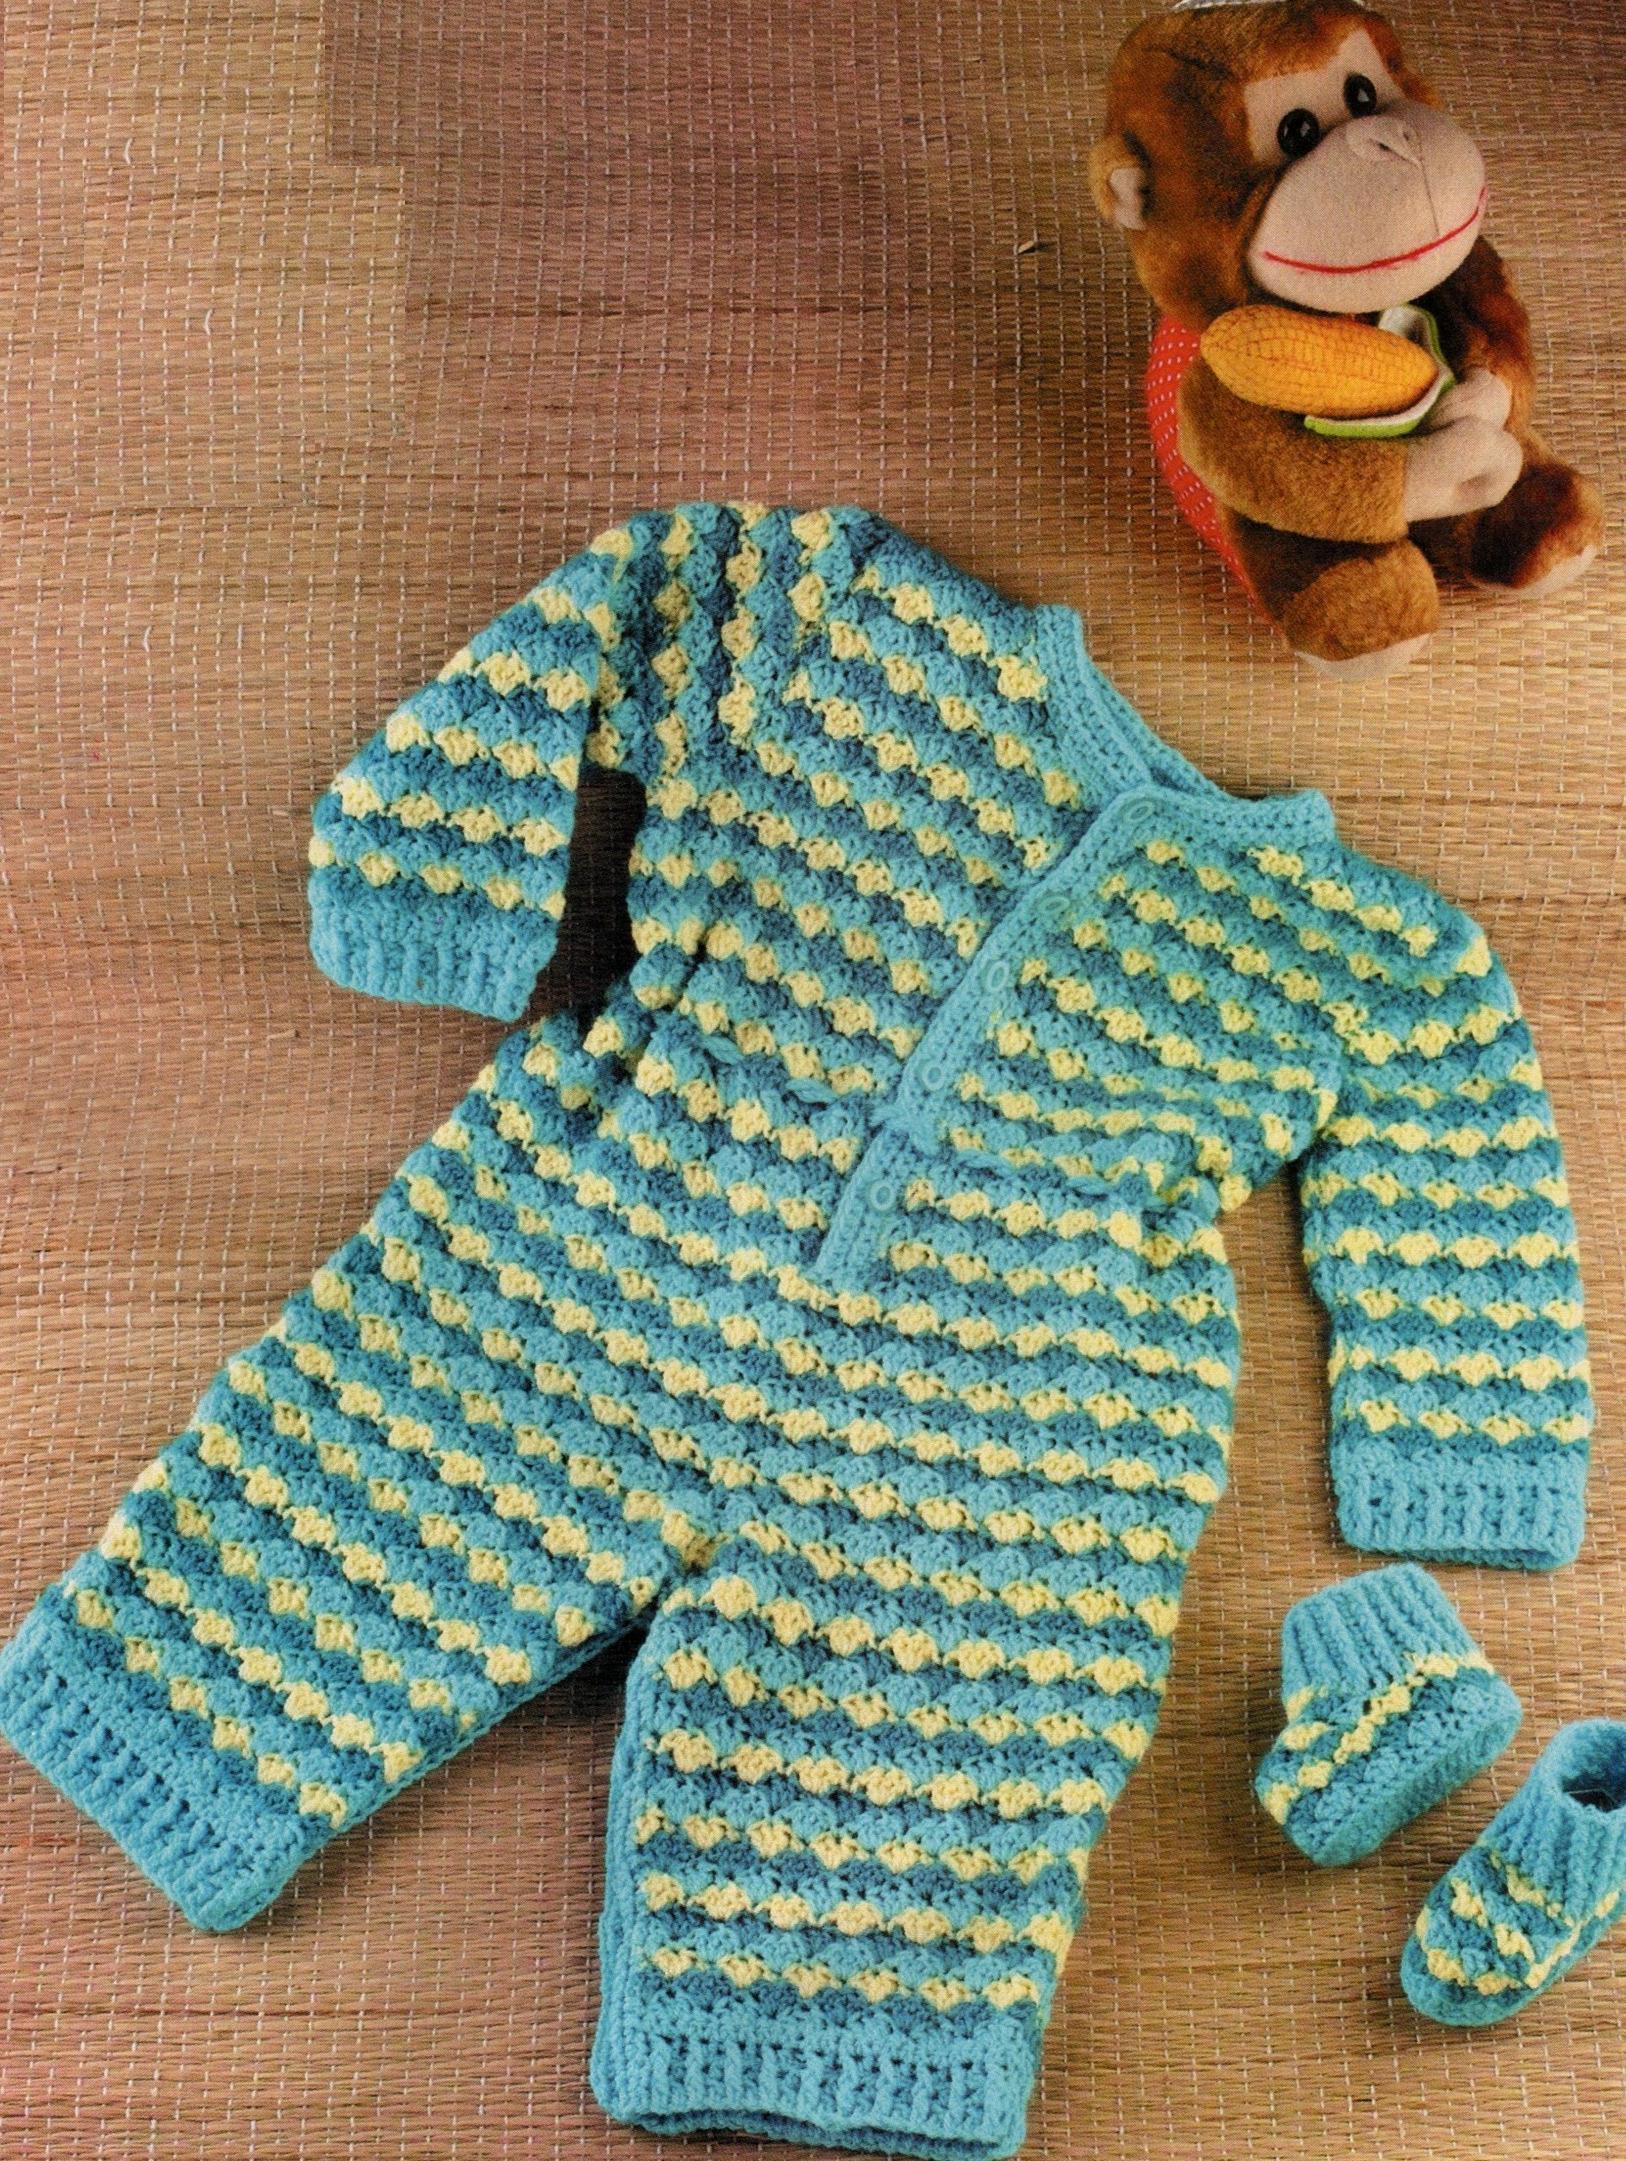 Комбинезон и пинетки на новорожденного вязаные крючком